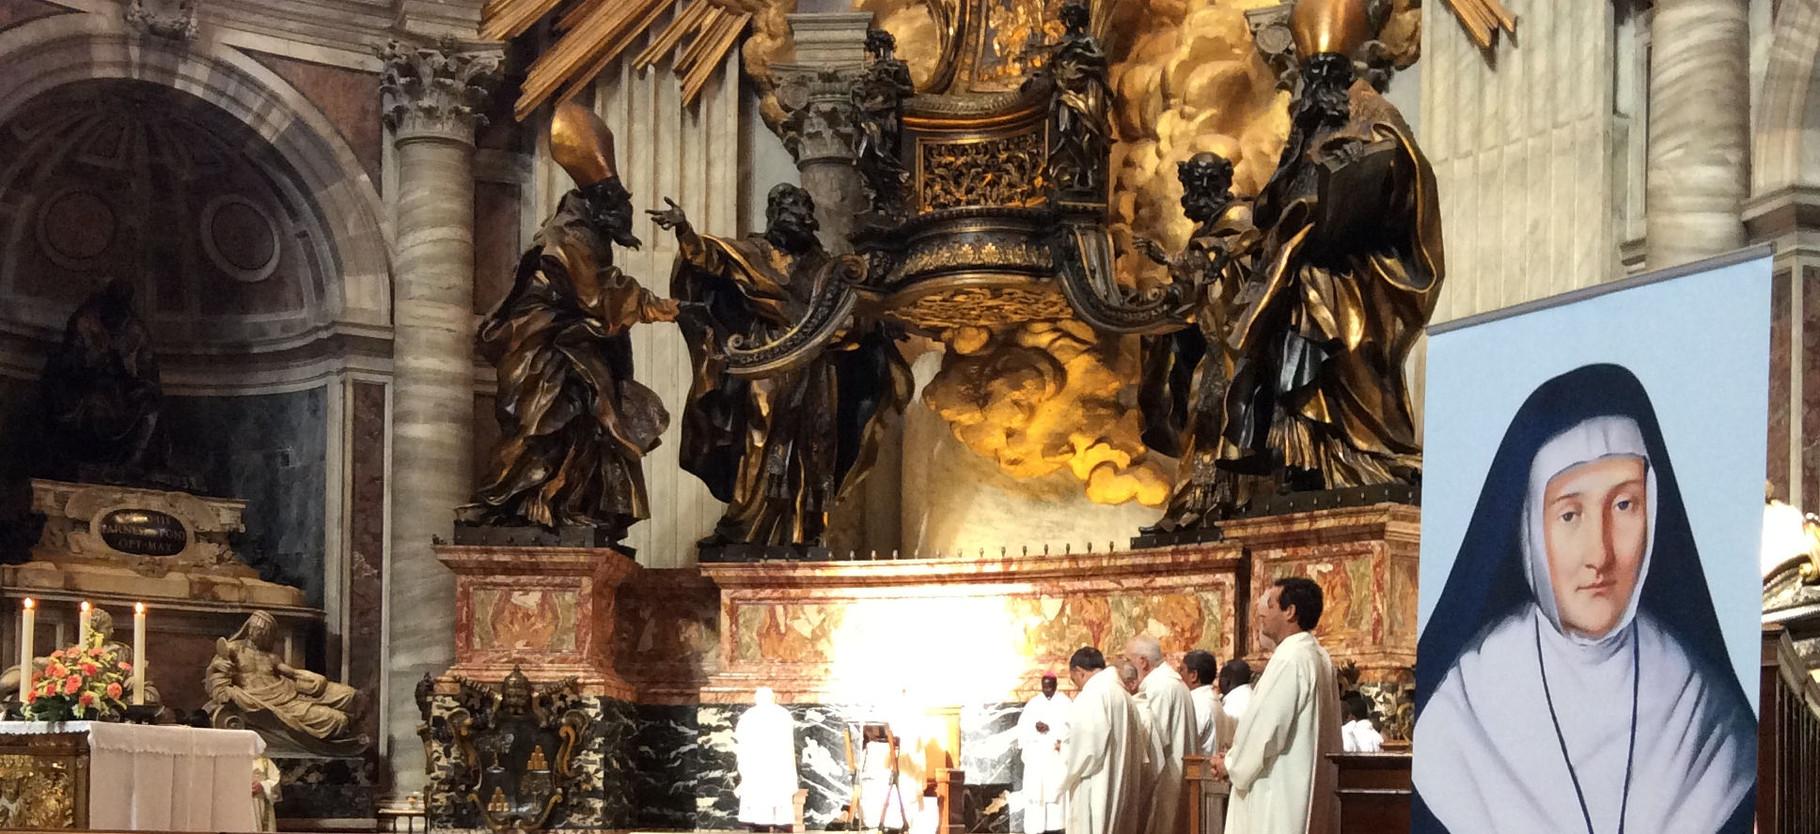 Missa de ação de graças no Vaticano